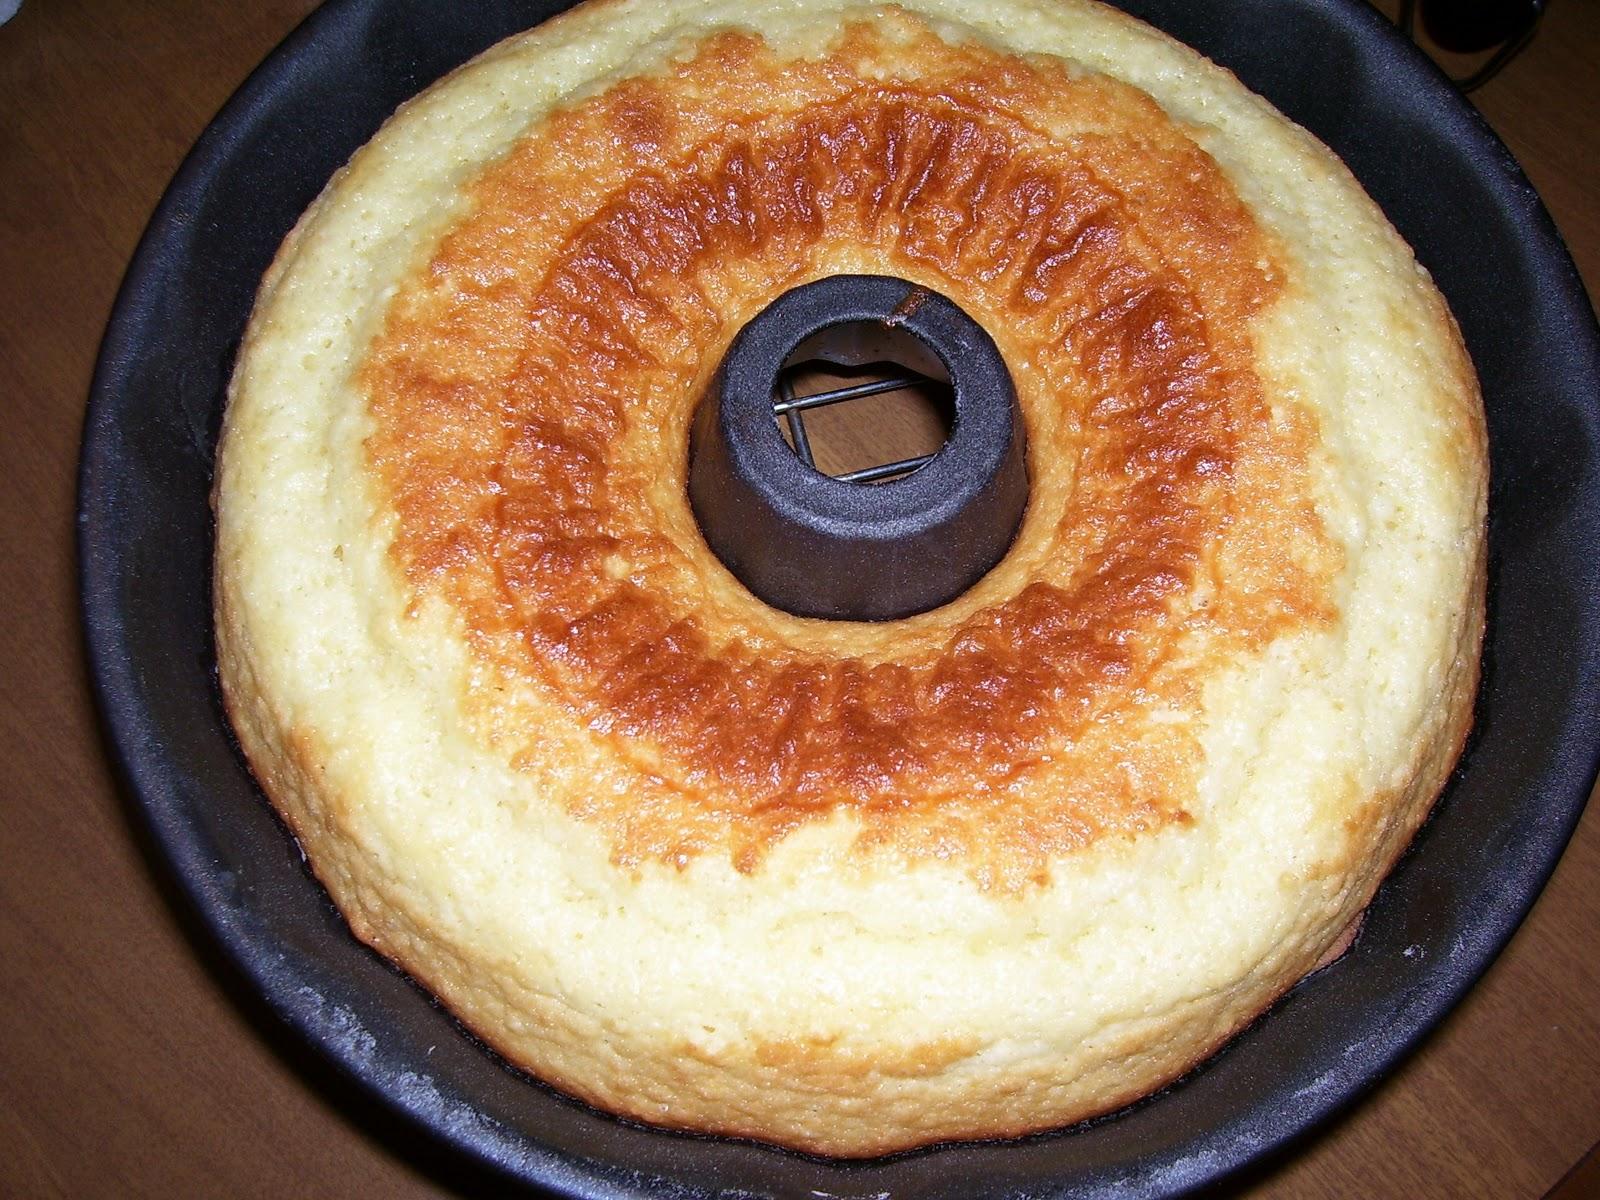 Cake with Pancake Mix